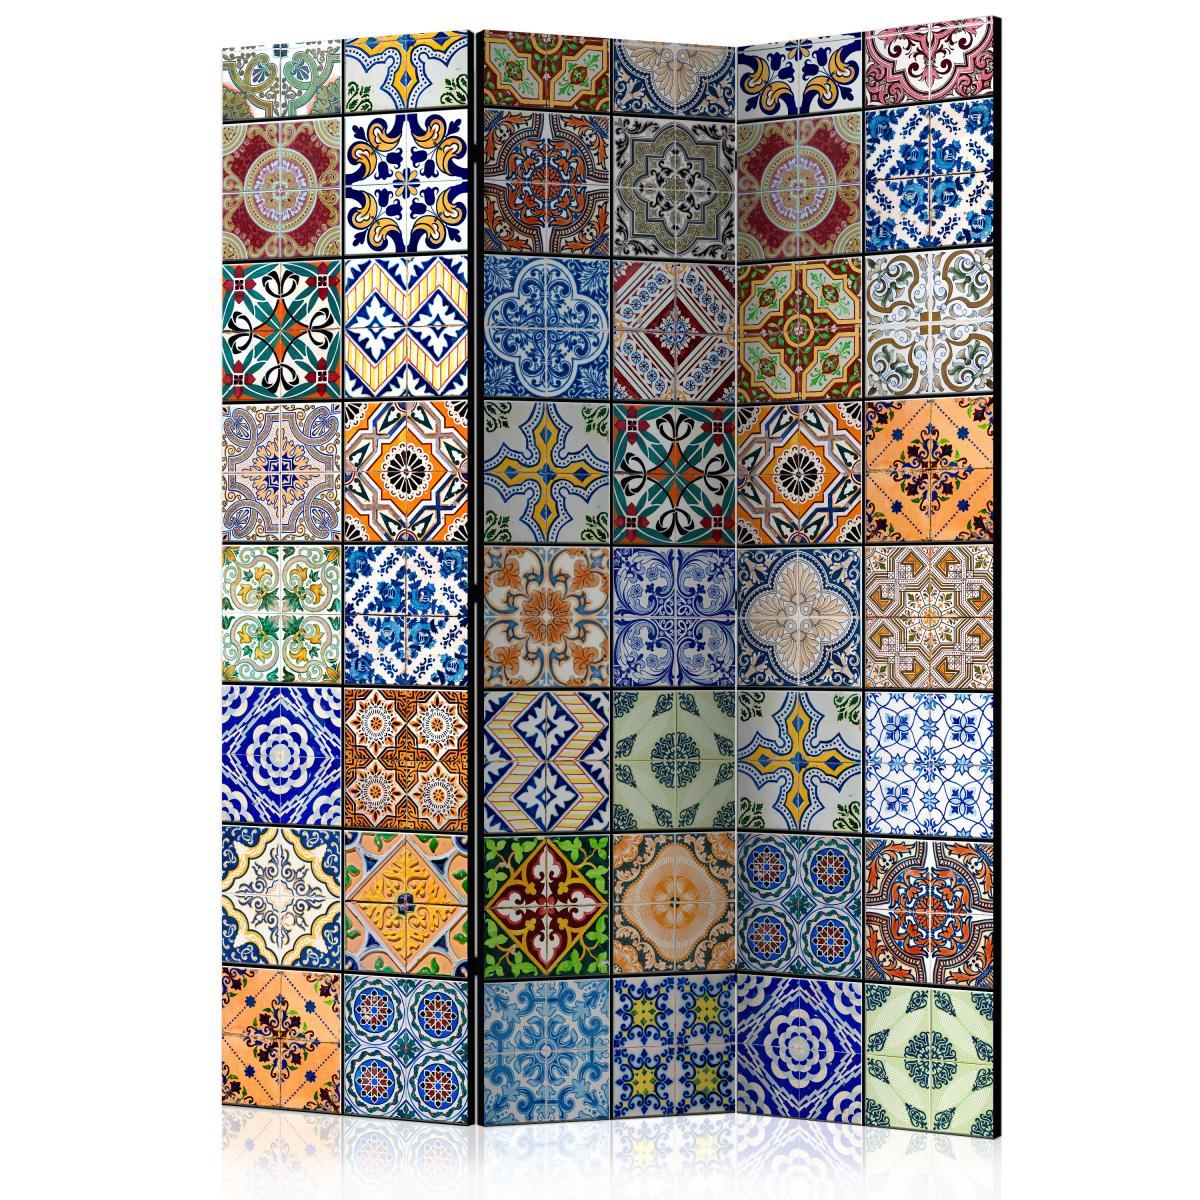 Bimago Paravent 3 volets - Paravent: Mosaïque colorée - Décoration, image, art   135x172 cm  